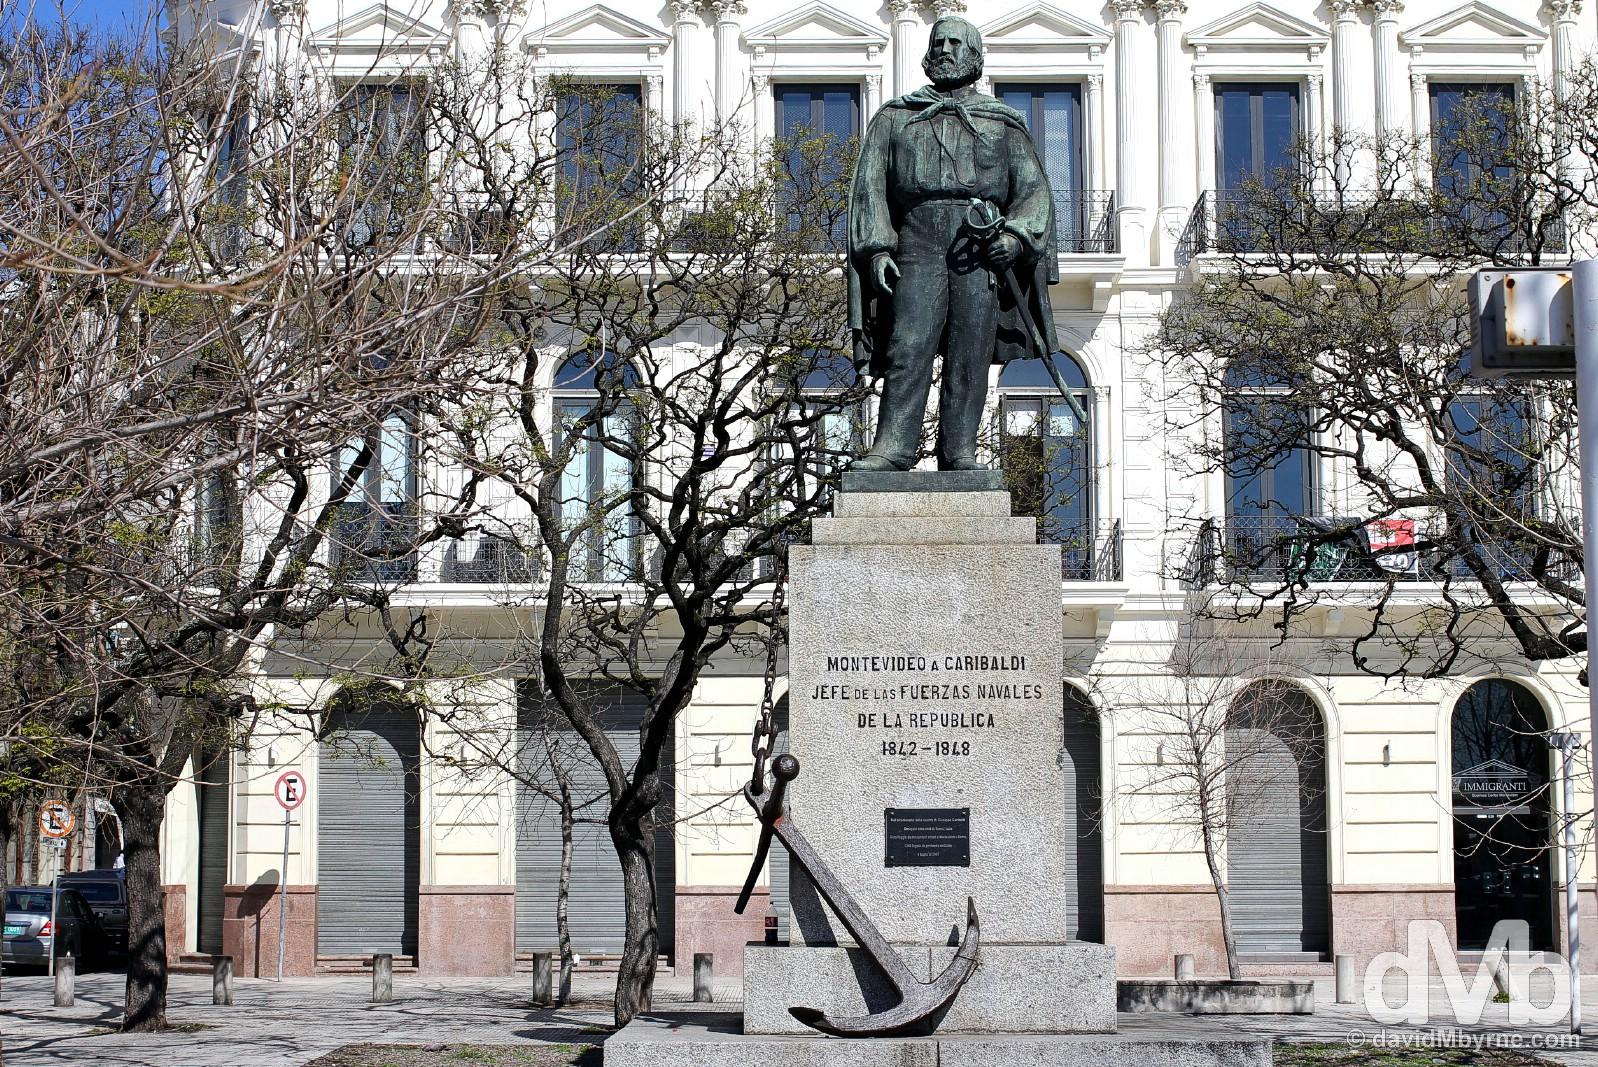 Montevideo, Uruguay. September 18, 2015.